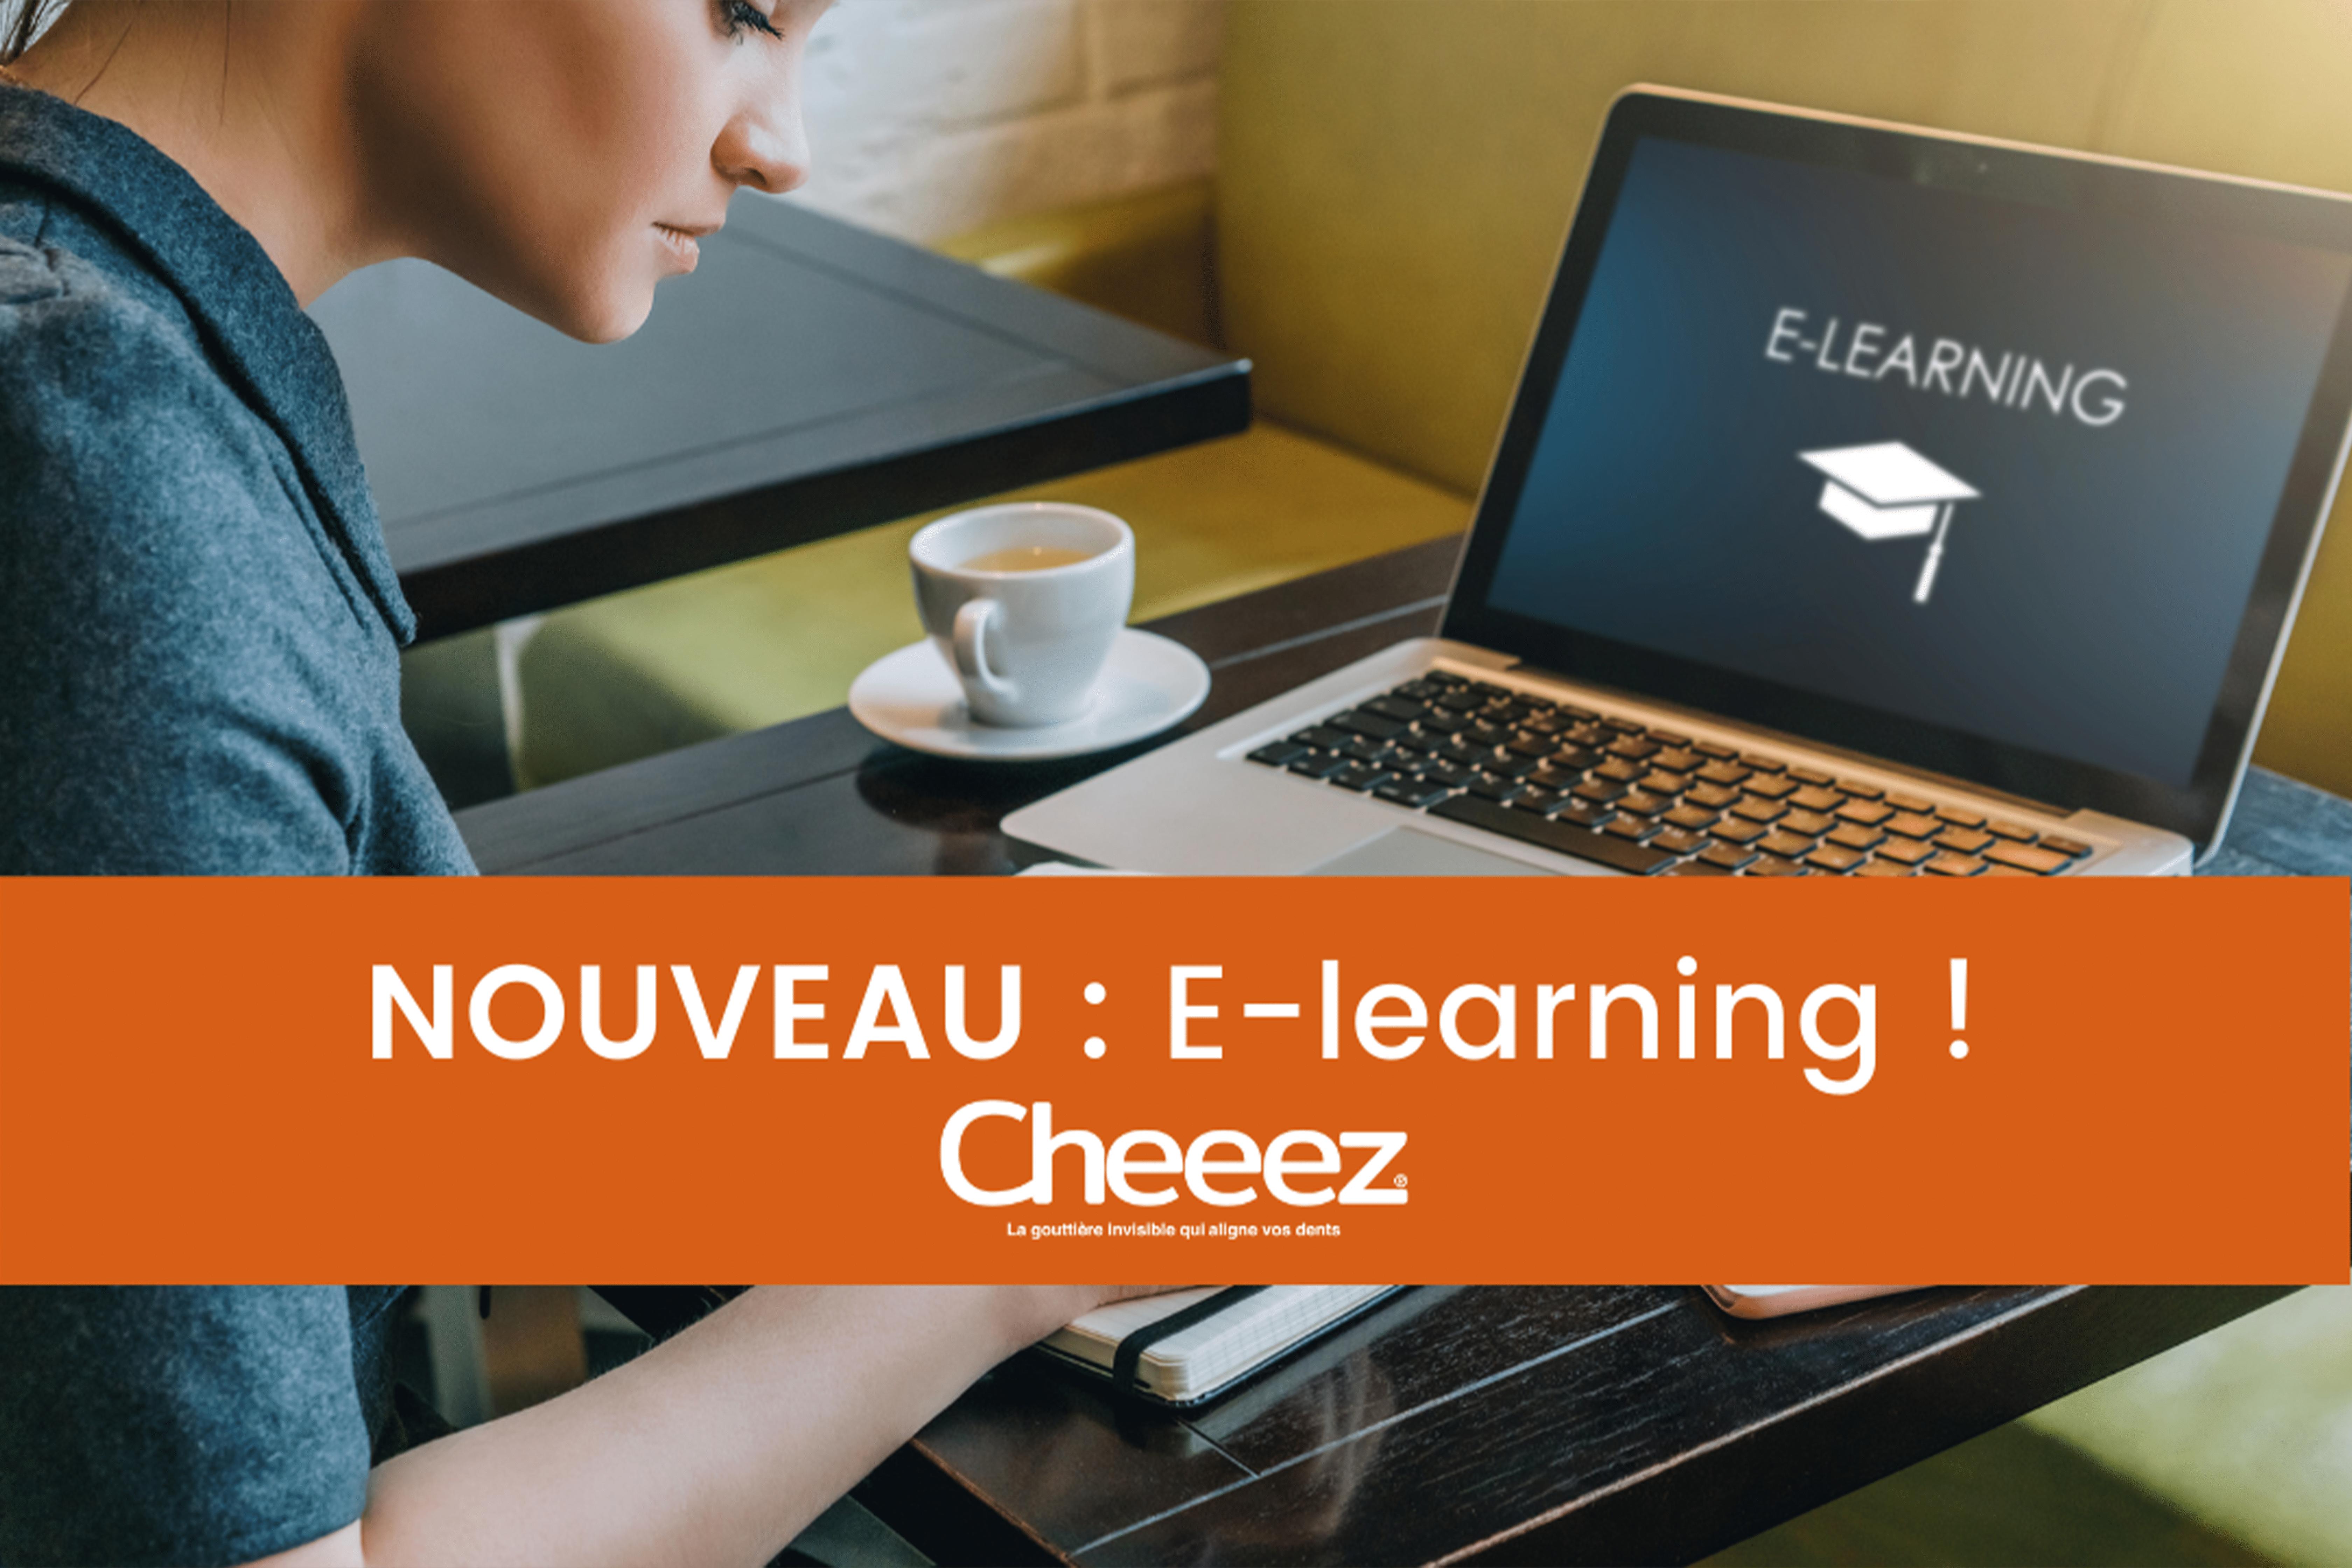 Découvrez notre module E-learning aligneurs Cheeez !